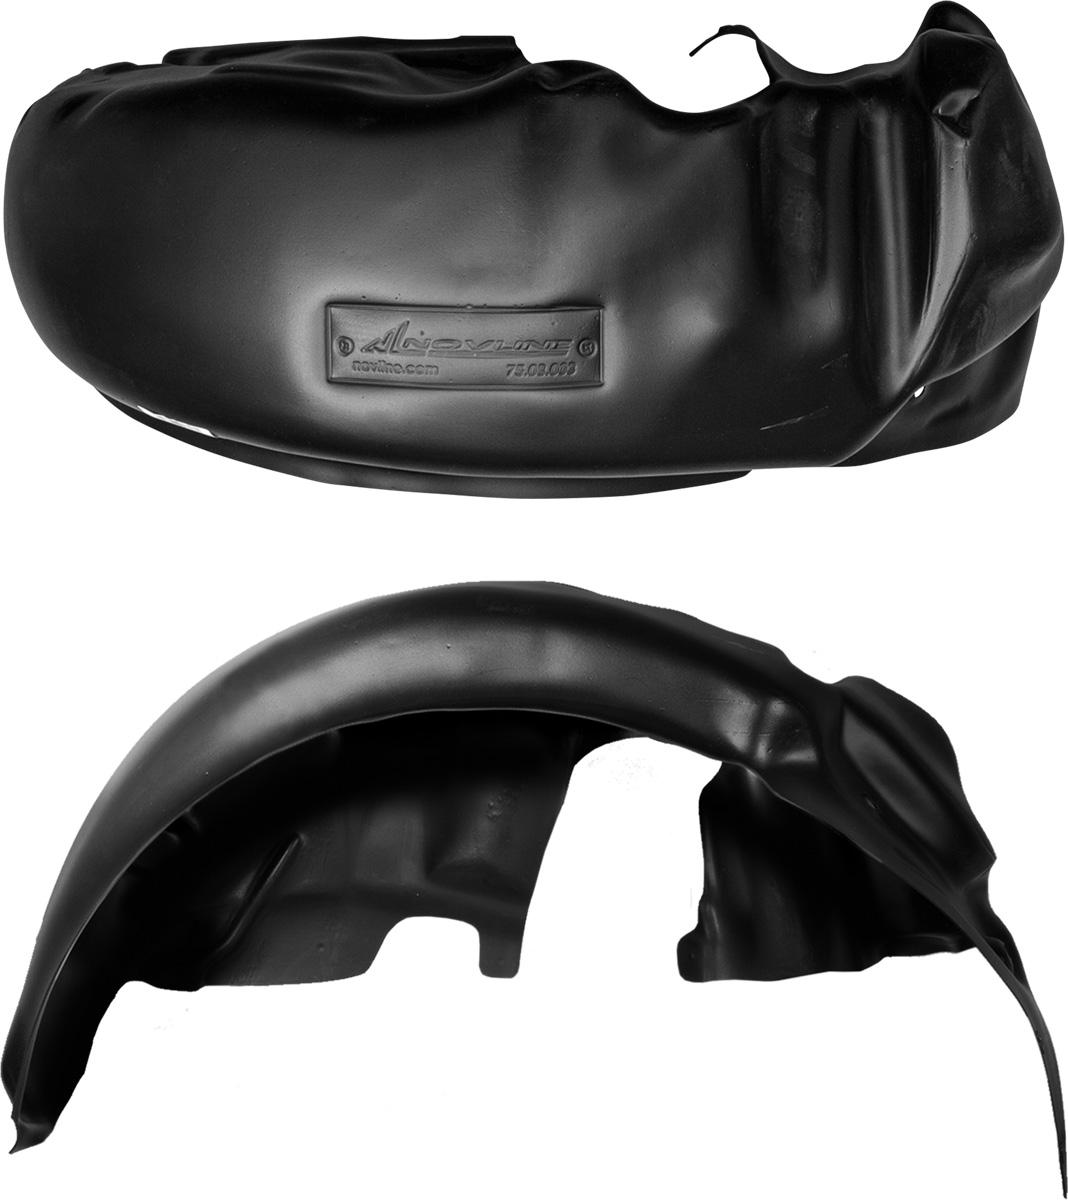 Подкрылок Novline-Autofamily, для Mitsubishi Pajero Sport, 2008->, передний левыйNLL.35.20.001Колесные ниши - одни из самых уязвимых зон днища вашего автомобиля. Они постоянно подвергаются воздействию со стороны дороги. Лучшая, почти абсолютная защита для них - специально отформованные пластиковые кожухи, которые называются подкрылками. Производятся они как для отечественных моделей автомобилей, так и для иномарок. Подкрылки Novline-Autofamily выполнены из высококачественного, экологически чистого пластика. Обеспечивают надежную защиту кузова автомобиля от пескоструйного эффекта и негативного влияния, агрессивных антигололедных реагентов. Пластик обладает более низкой теплопроводностью, чем металл, поэтому в зимний период эксплуатации использование пластиковых подкрылков позволяет лучше защитить колесные ниши от налипания снега и образования наледи. Оригинальность конструкции подчеркивает элегантность автомобиля, бережно защищает нанесенное на днище кузова антикоррозийное покрытие и позволяет осуществить крепление подкрылков внутри колесной арки практически без дополнительного крепежа и сверления, не нарушая при этом лакокрасочного покрытия, что предотвращает возникновение новых очагов коррозии. Подкрылки долговечны, обладают высокой прочностью и сохраняют заданную форму, а также все свои физико-механические характеристики в самых тяжелых климатических условиях (от -50°С до +50°С).Уважаемые клиенты!Обращаем ваше внимание, на тот факт, что подкрылок имеет форму, соответствующую модели данного автомобиля. Фото служит для визуального восприятия товара.